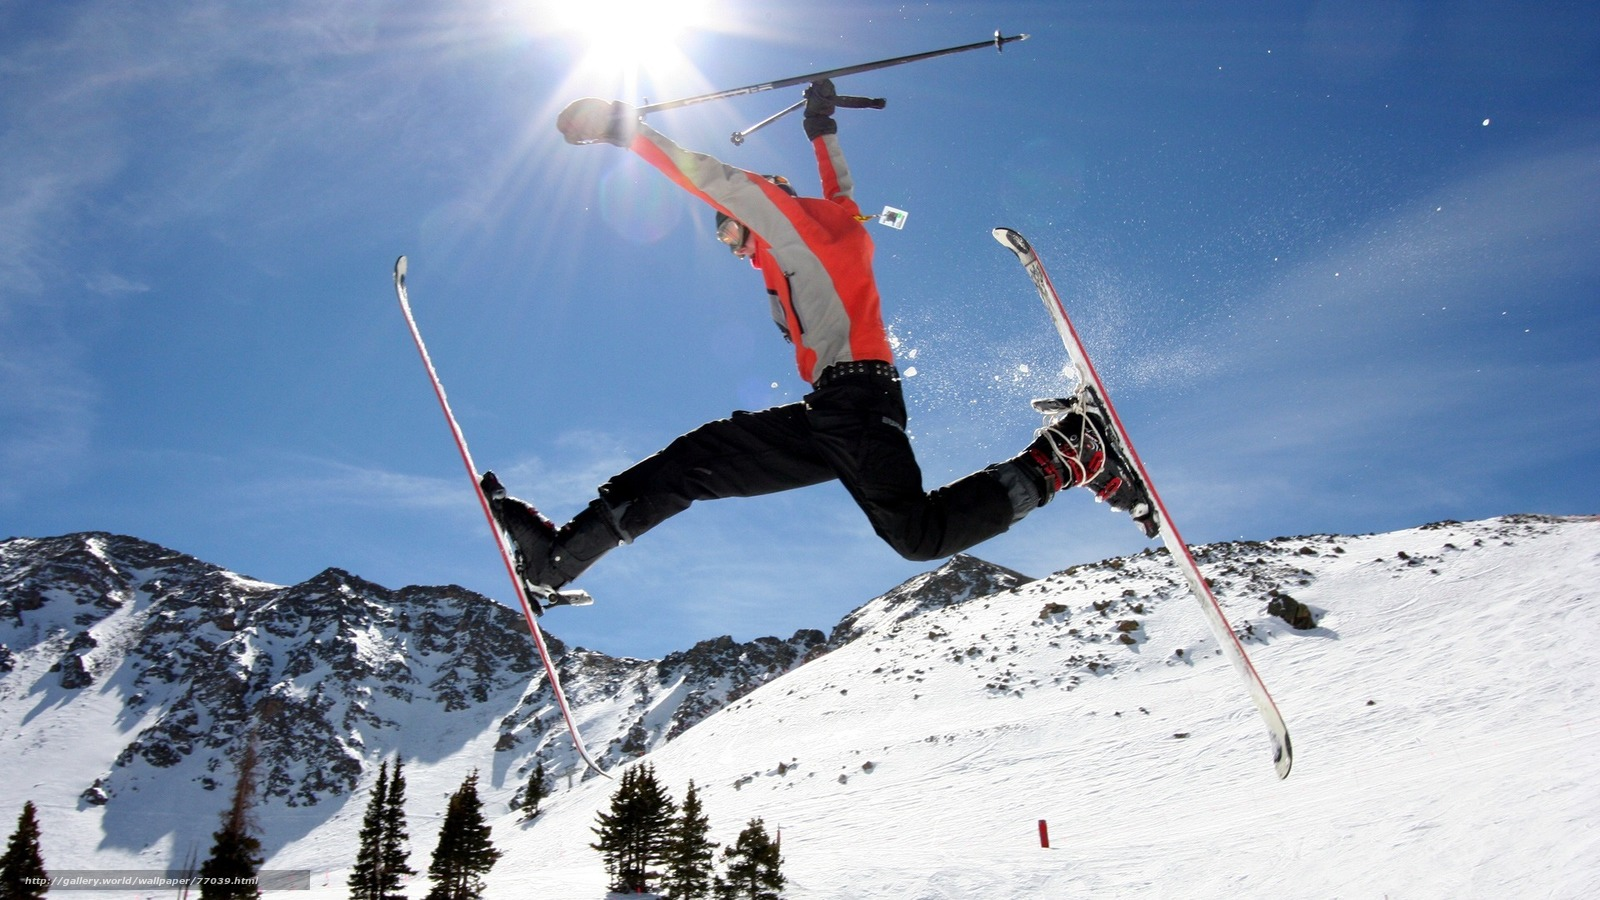 Tlcharger Fond d'ecran neige,  sommets,  skieur,  vol Fonds d'ecran gratuits pour votre rsolution du bureau 1920x1080 — image №77039